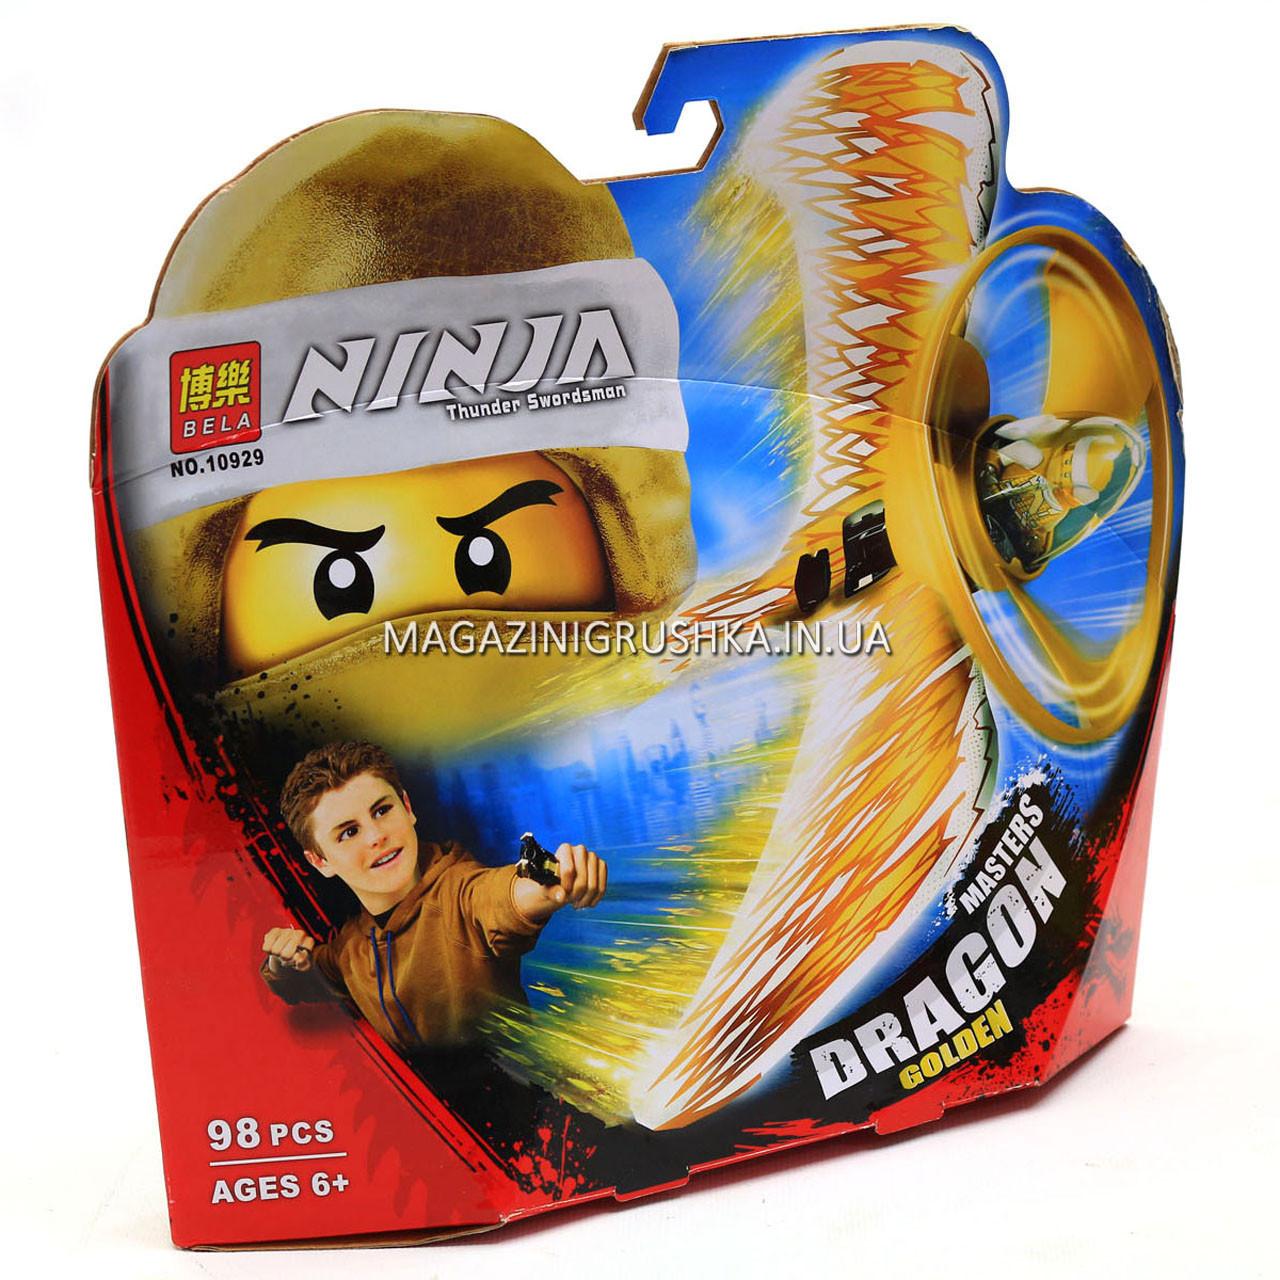 Конструктор детский спиннинг NINJA BELA Мастер аэроджицу Летающий ниндзя - Повелитель Золотого дракона 10929